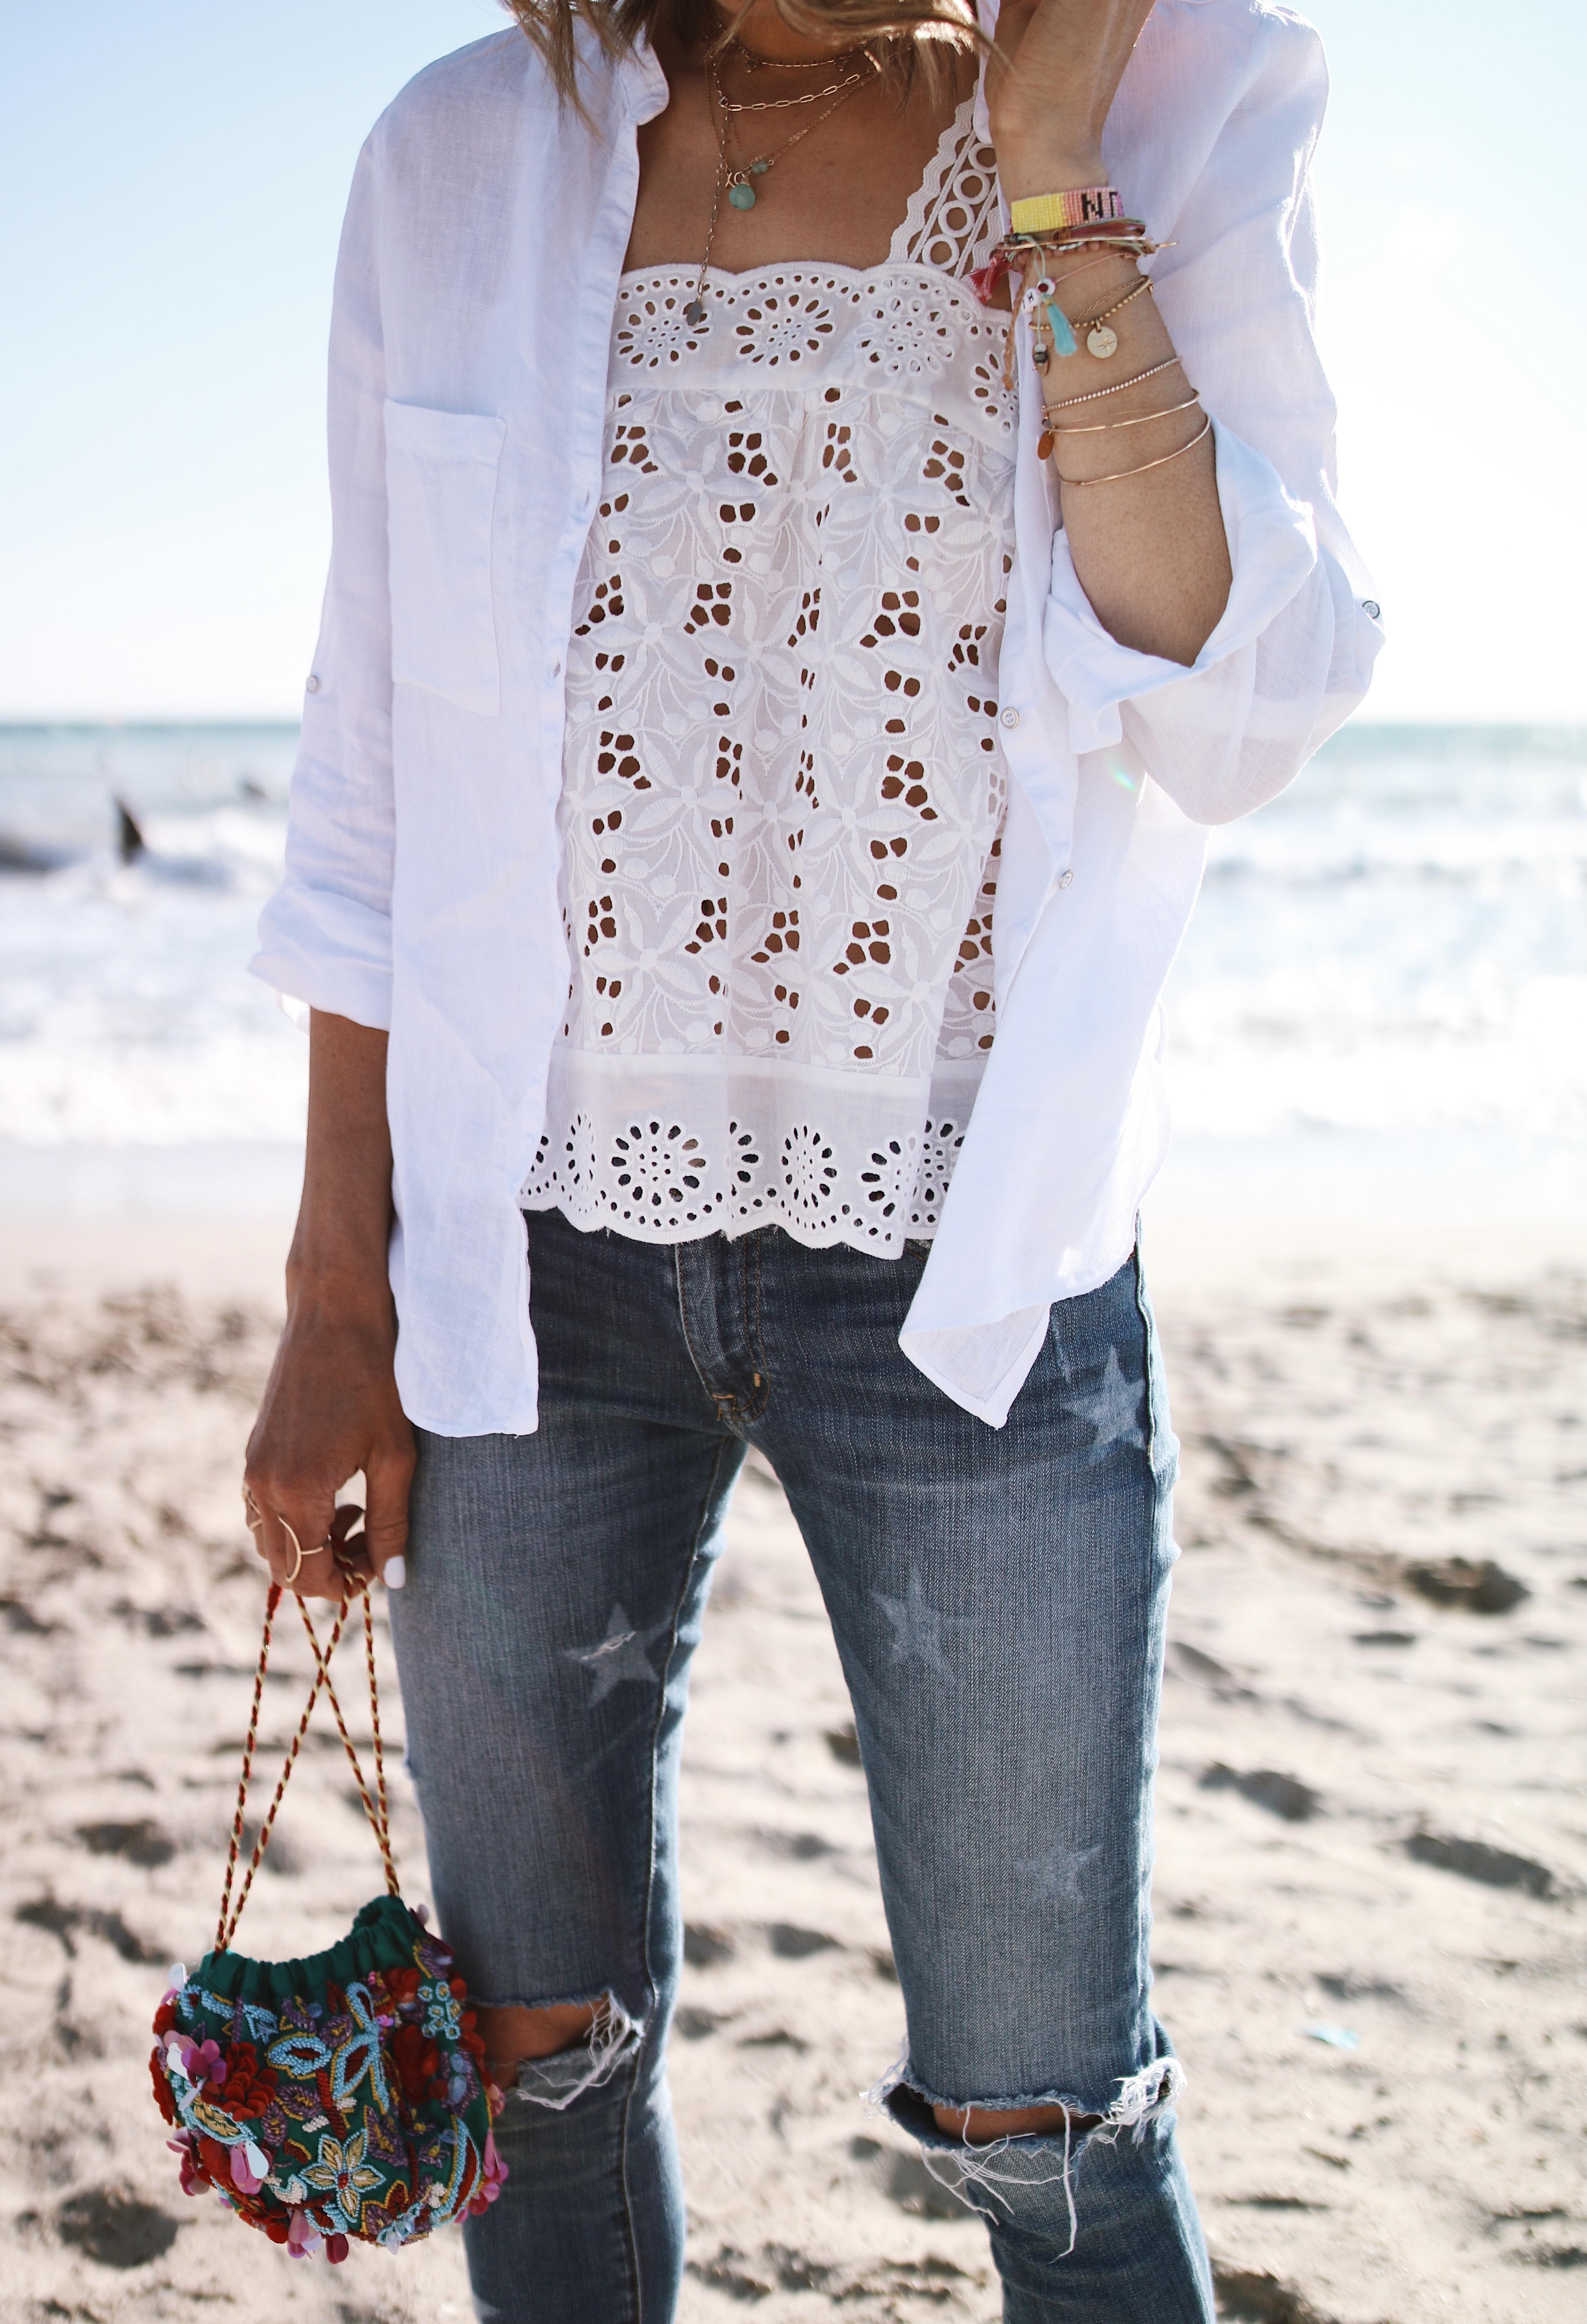 Chon & CHON - WHITE & DENIM - top brodé blanc, chemise lin blanche, jeans usé et vintage, casual look;